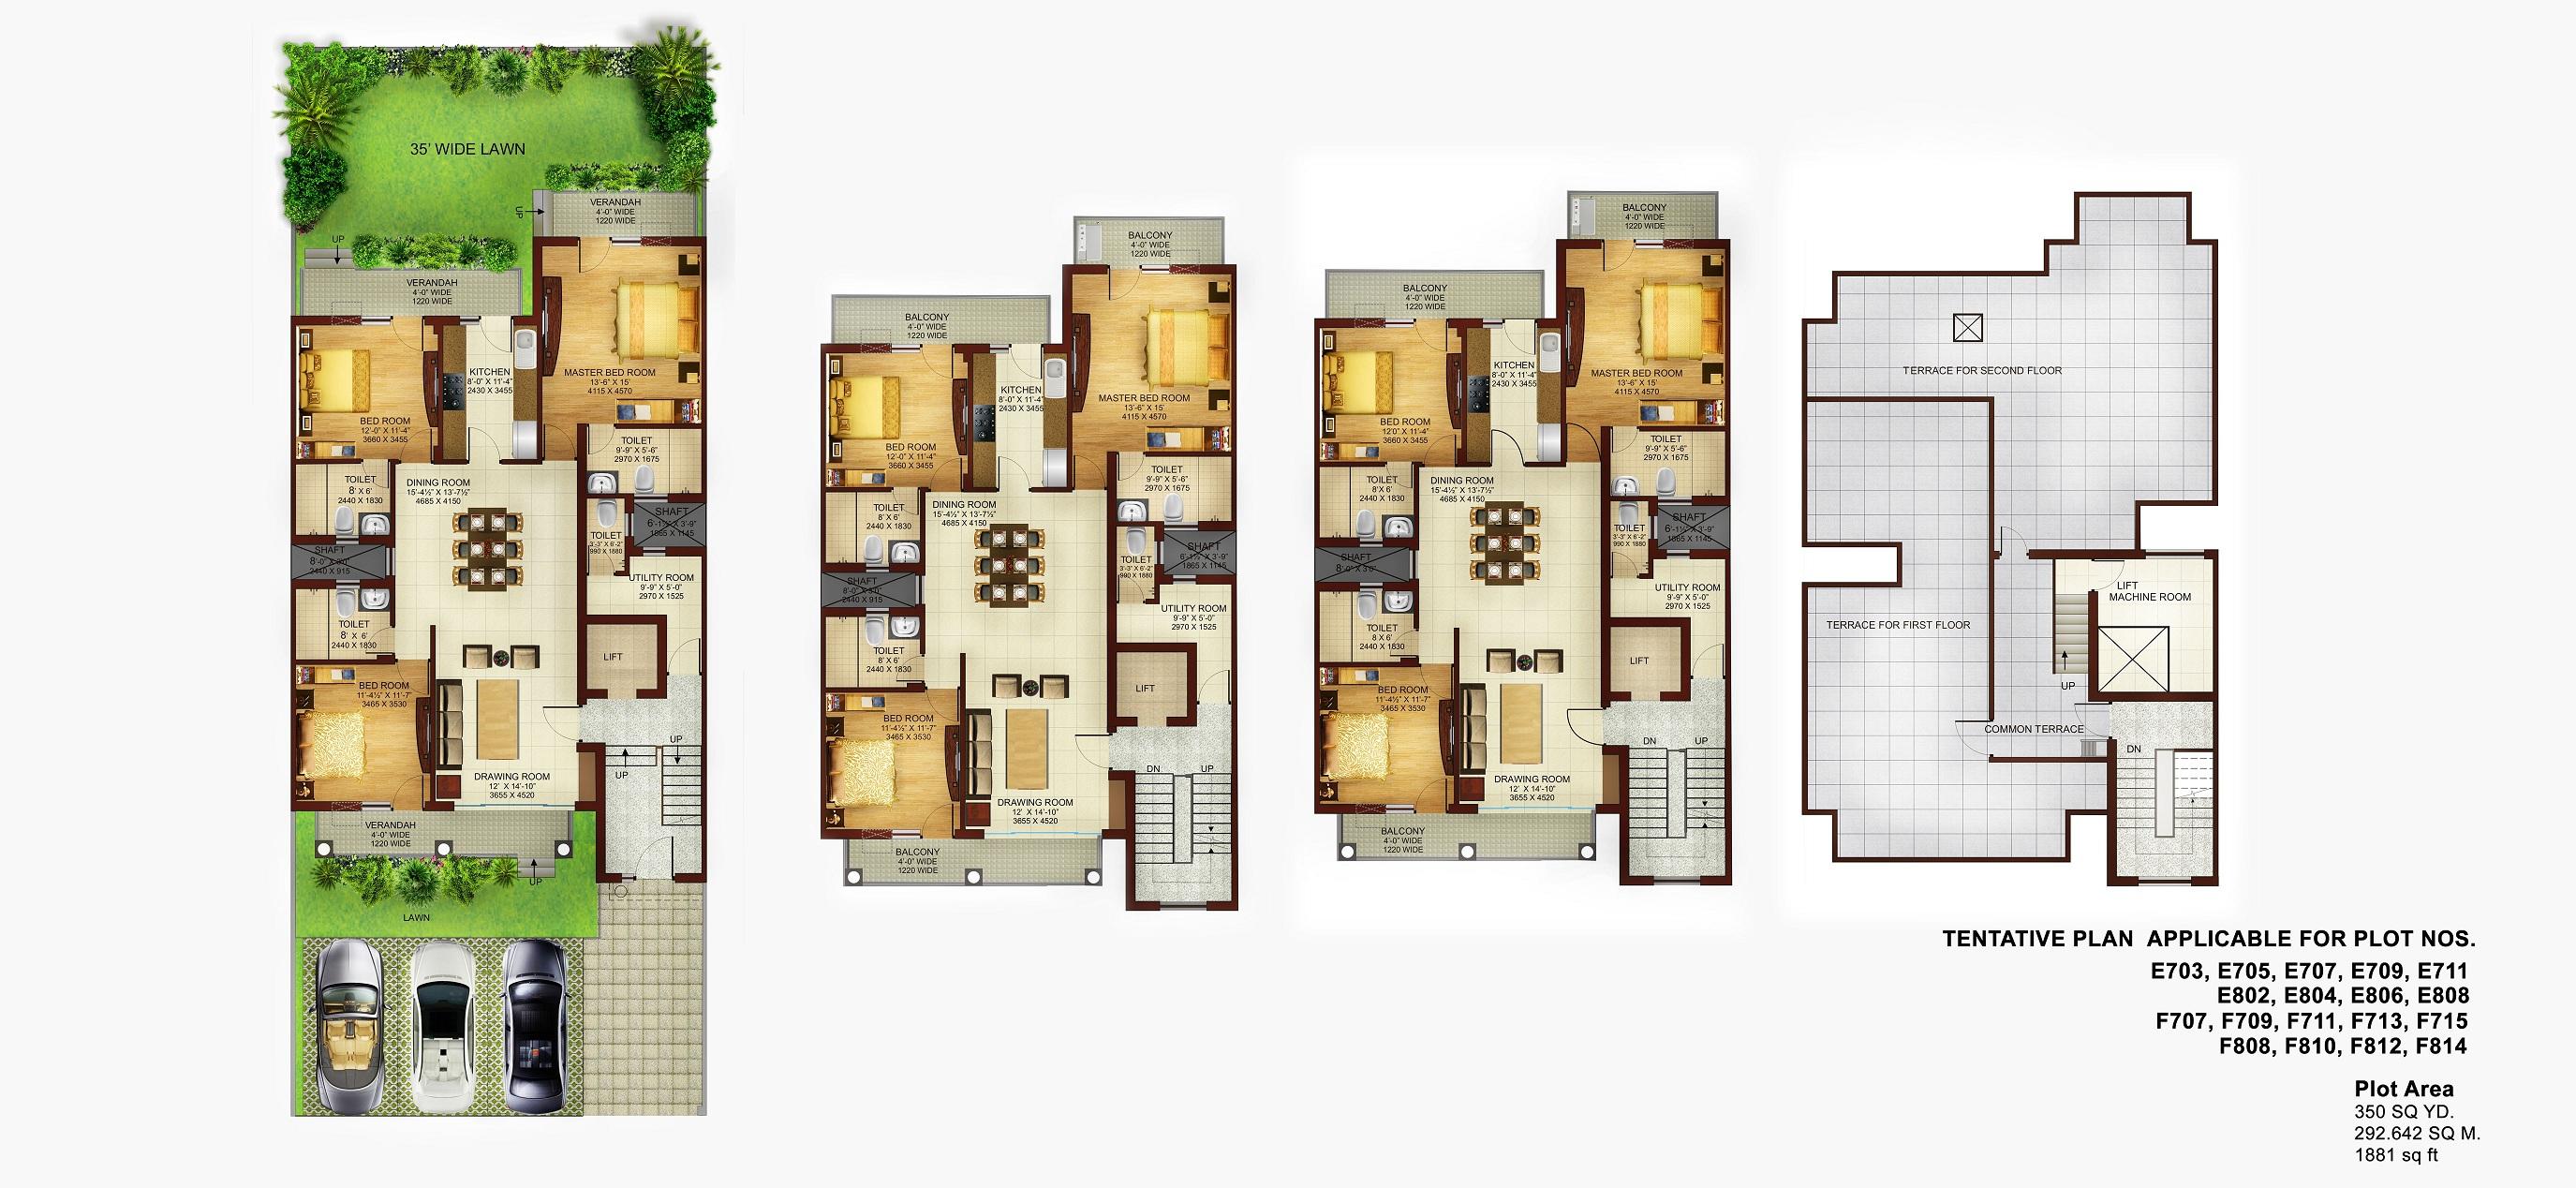 DLF Floor Plans